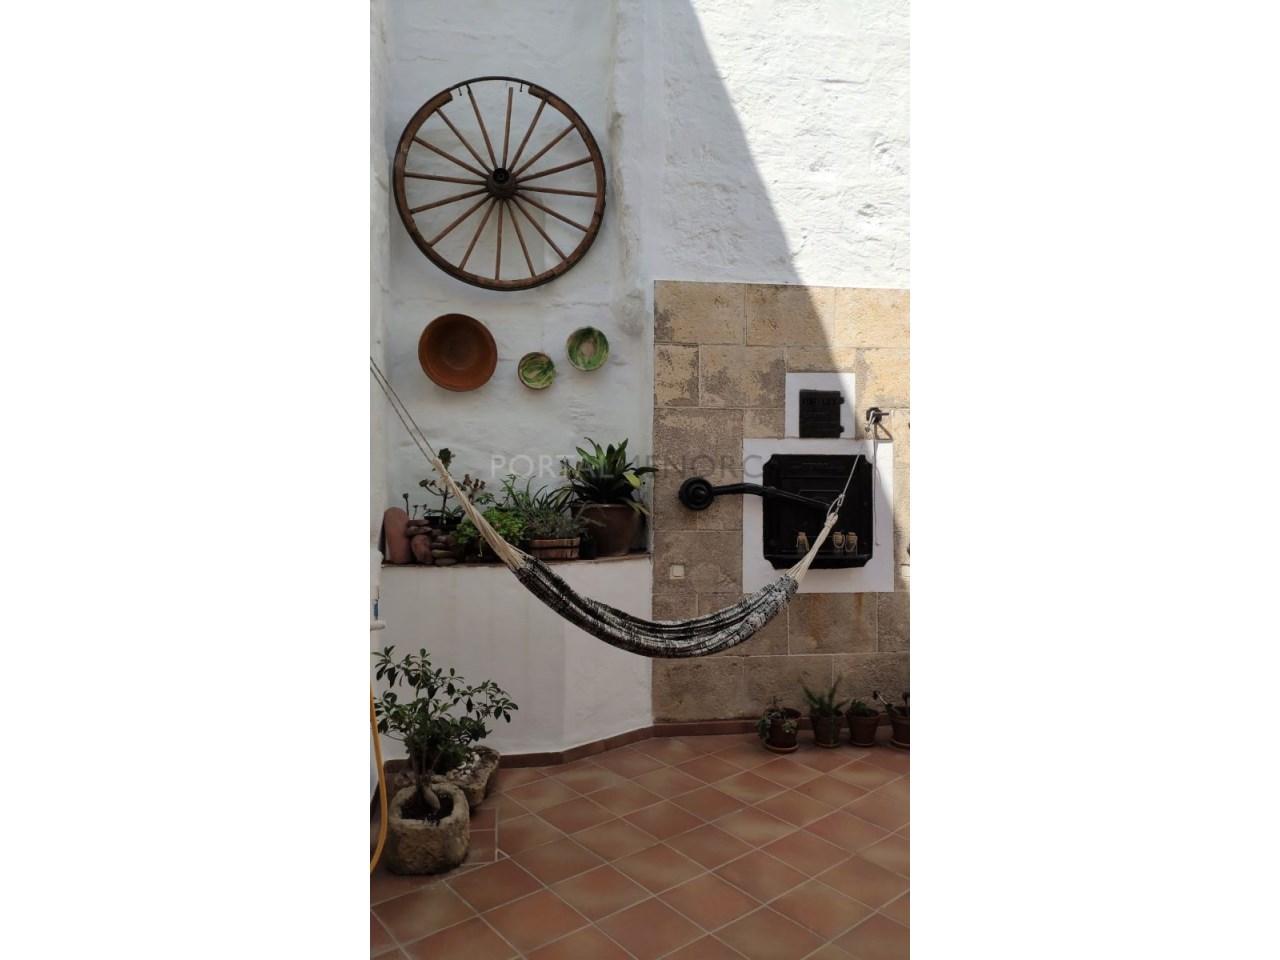 Casa con patio en venta en el casco histórico de Ciutadella - patio 2